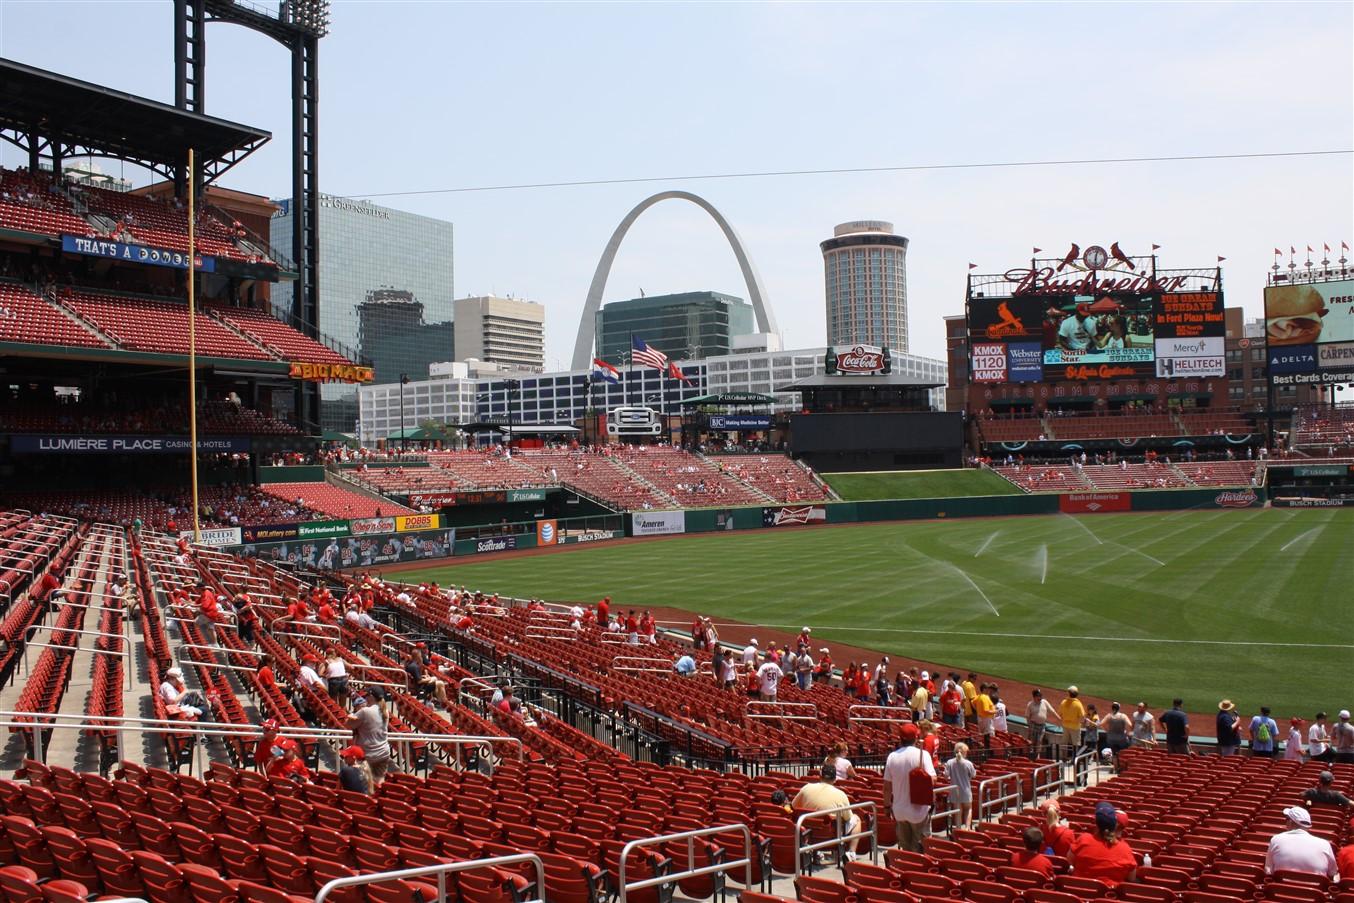 2012 07 01 142 St Louis Busch Stadium.jpg